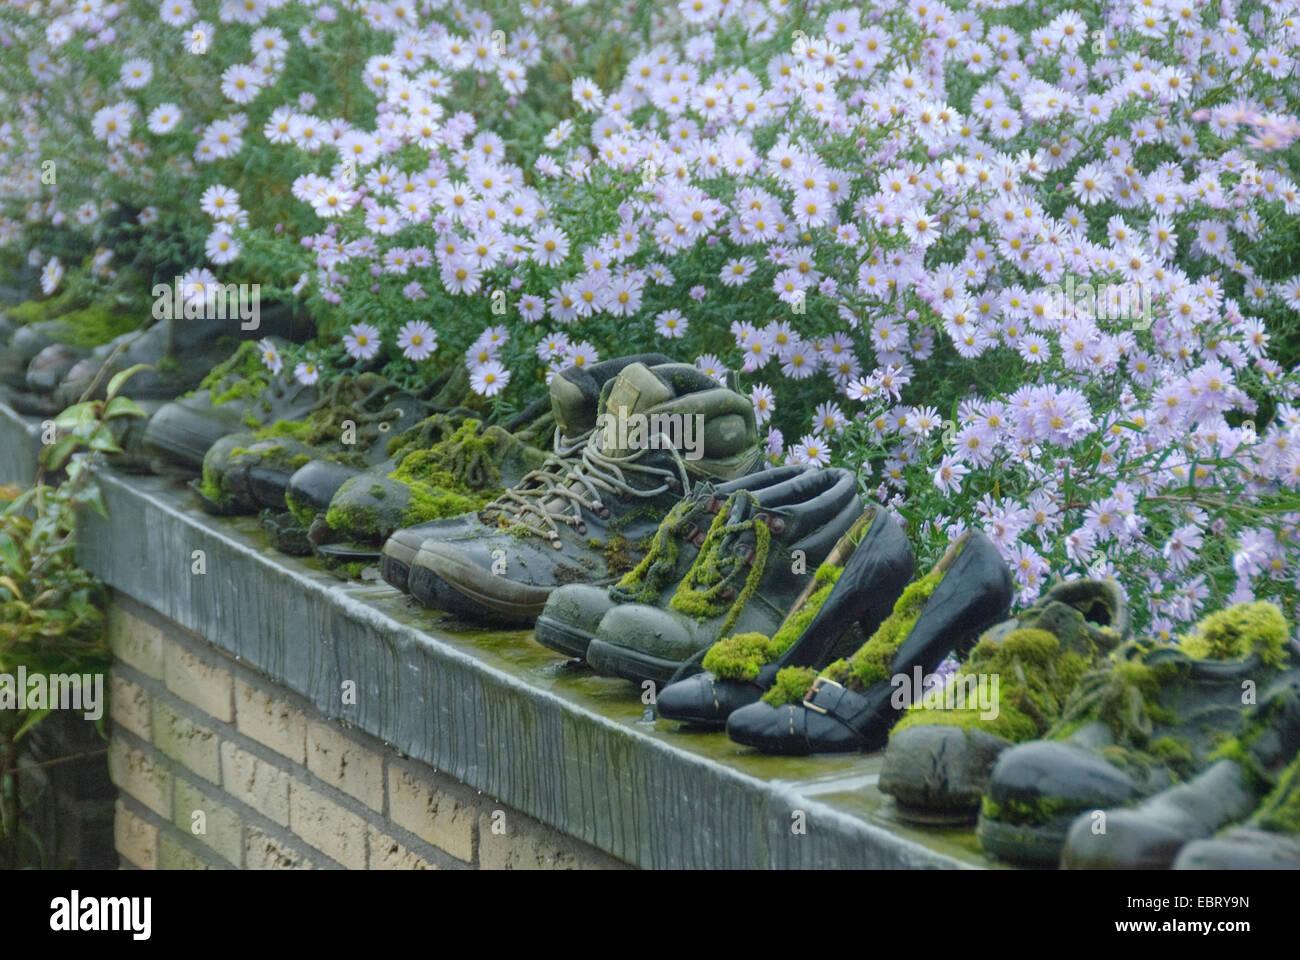 Jardín de musgo zapatos en una pared en el jardín Imagen De Stock